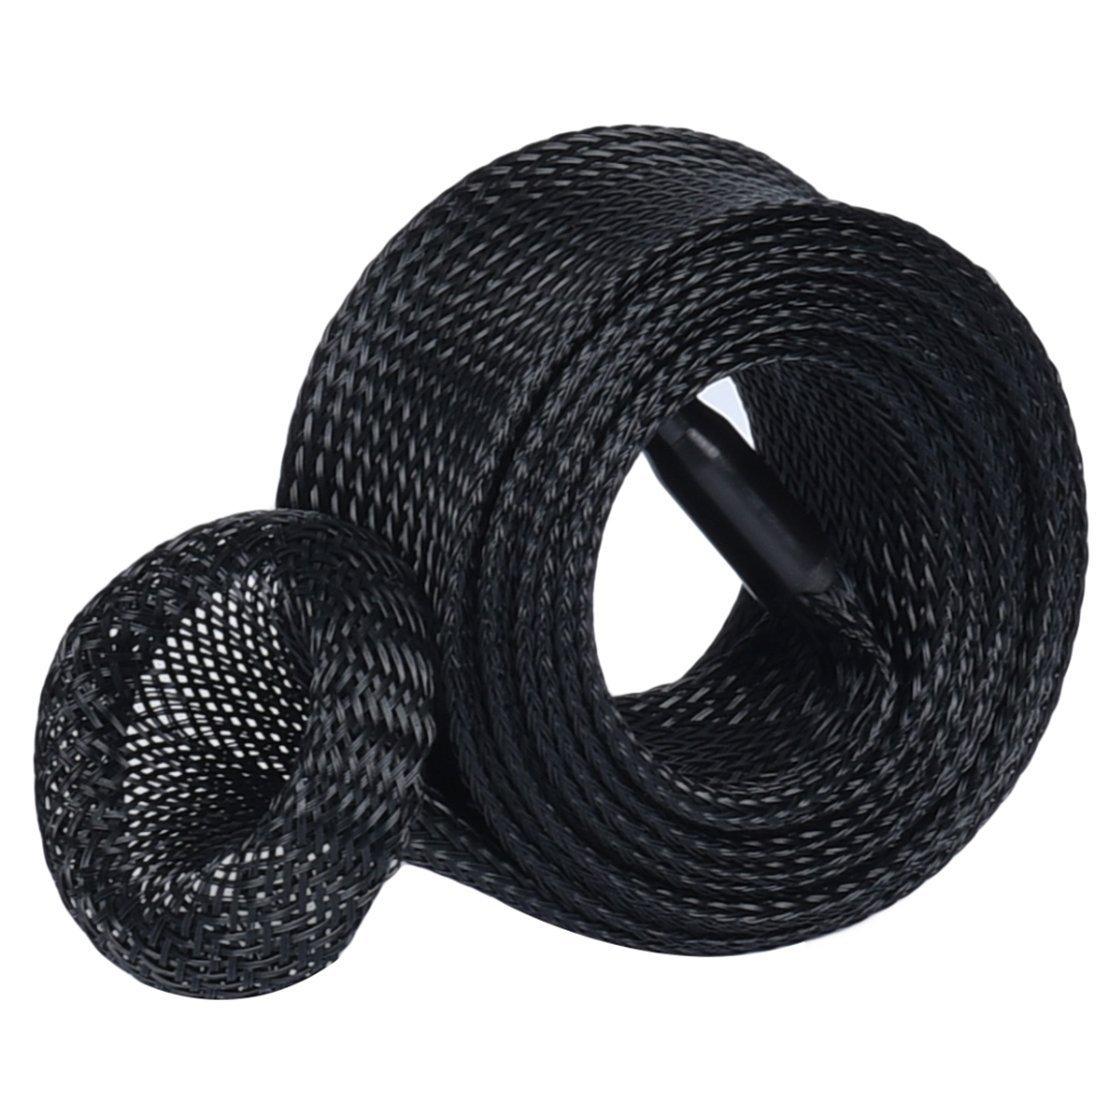 KastKing Rod Sleeve - Protección de Pesca Rod Mangas Bastones de Pesca para Spinning y cañas de baitcasting 2017, Negro: Amazon.es: Deportes y aire libre